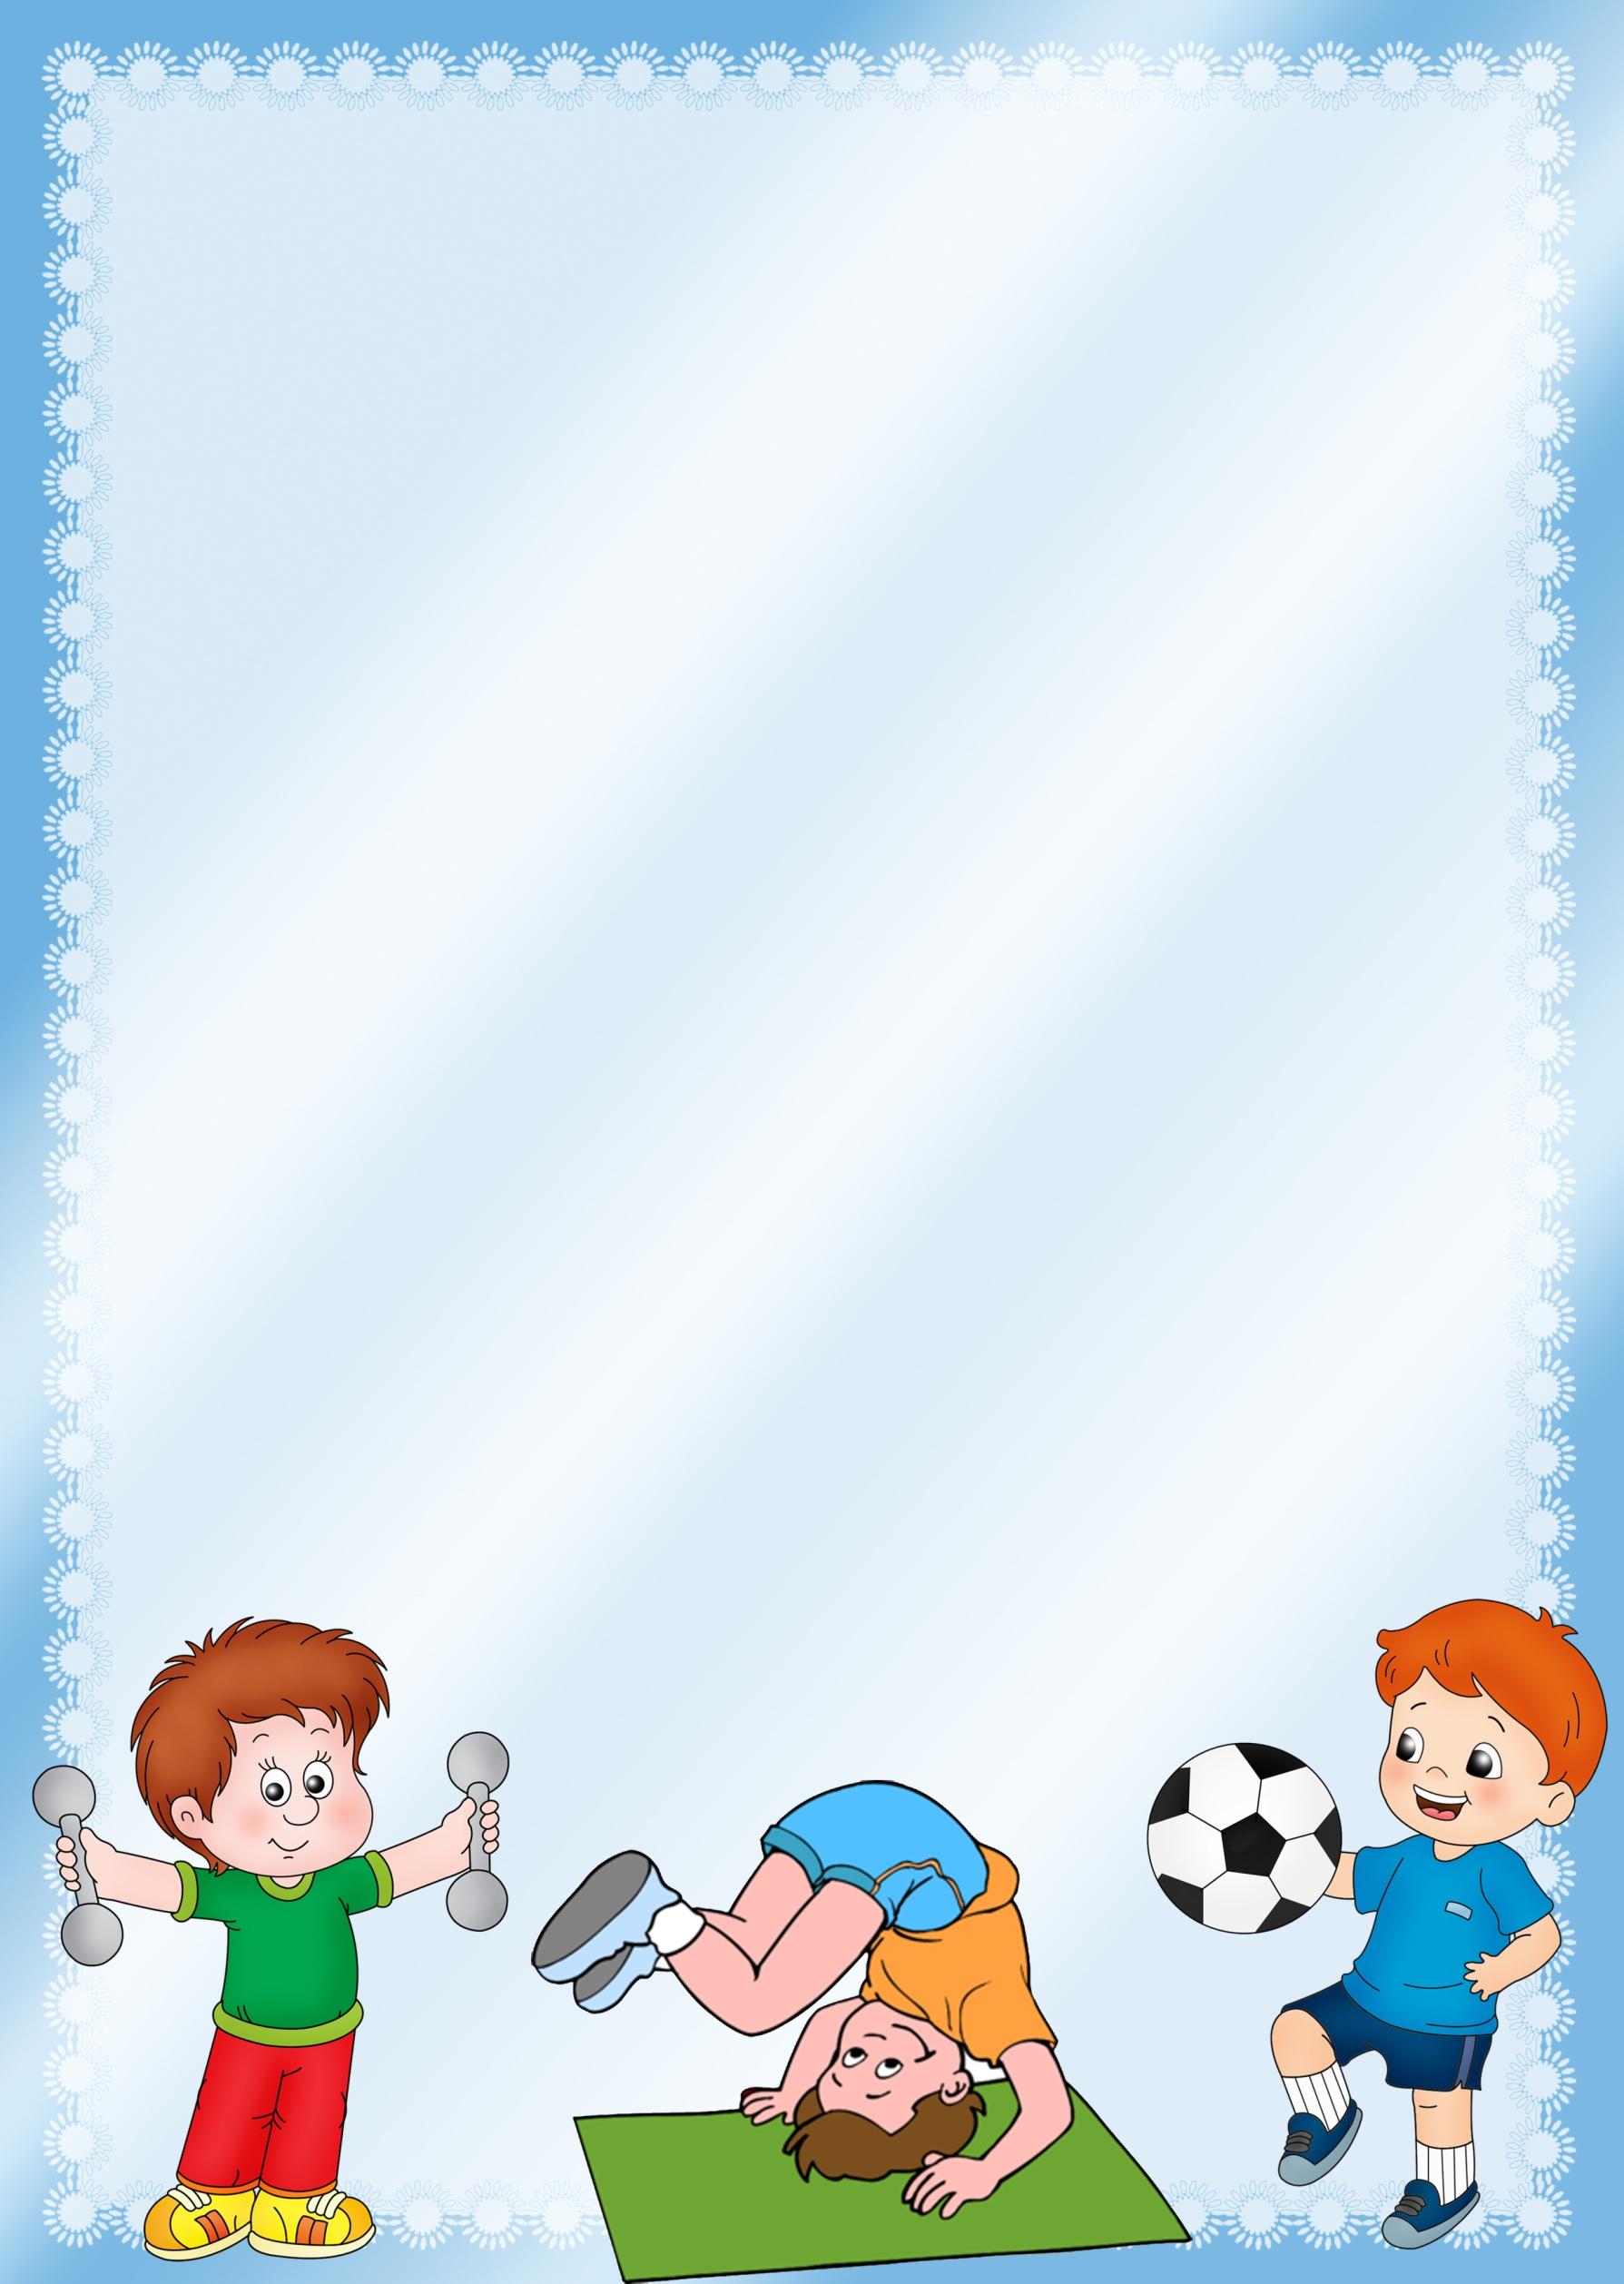 начала чистые открытки спортивной тематики может использоваться